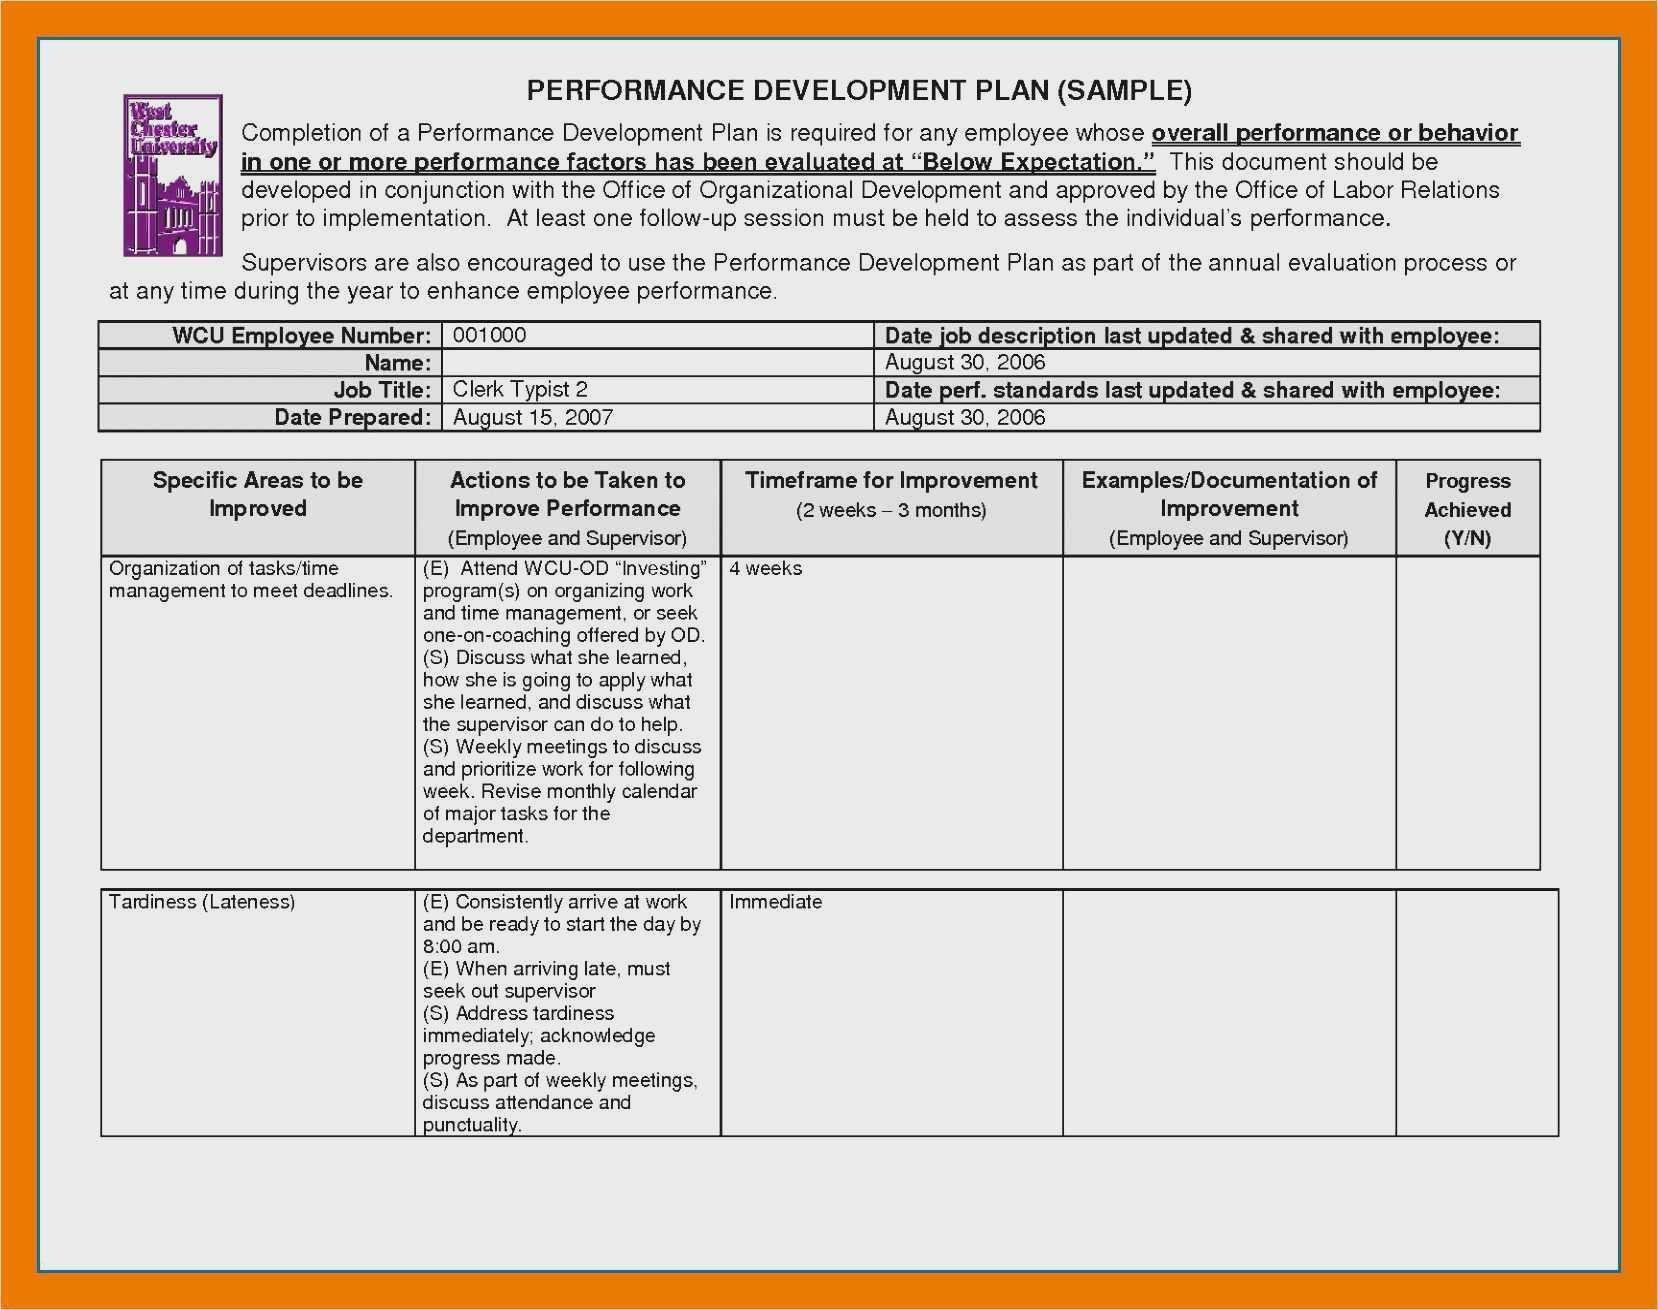 34 Wunderbar Rapportzettel Vorlage Handwerk Solche Konnen Adaptieren Fur Ihre Wichtigsten Projektmanagement Vorlagen Unterrichtsplanung Vorlagen Reisegutschein